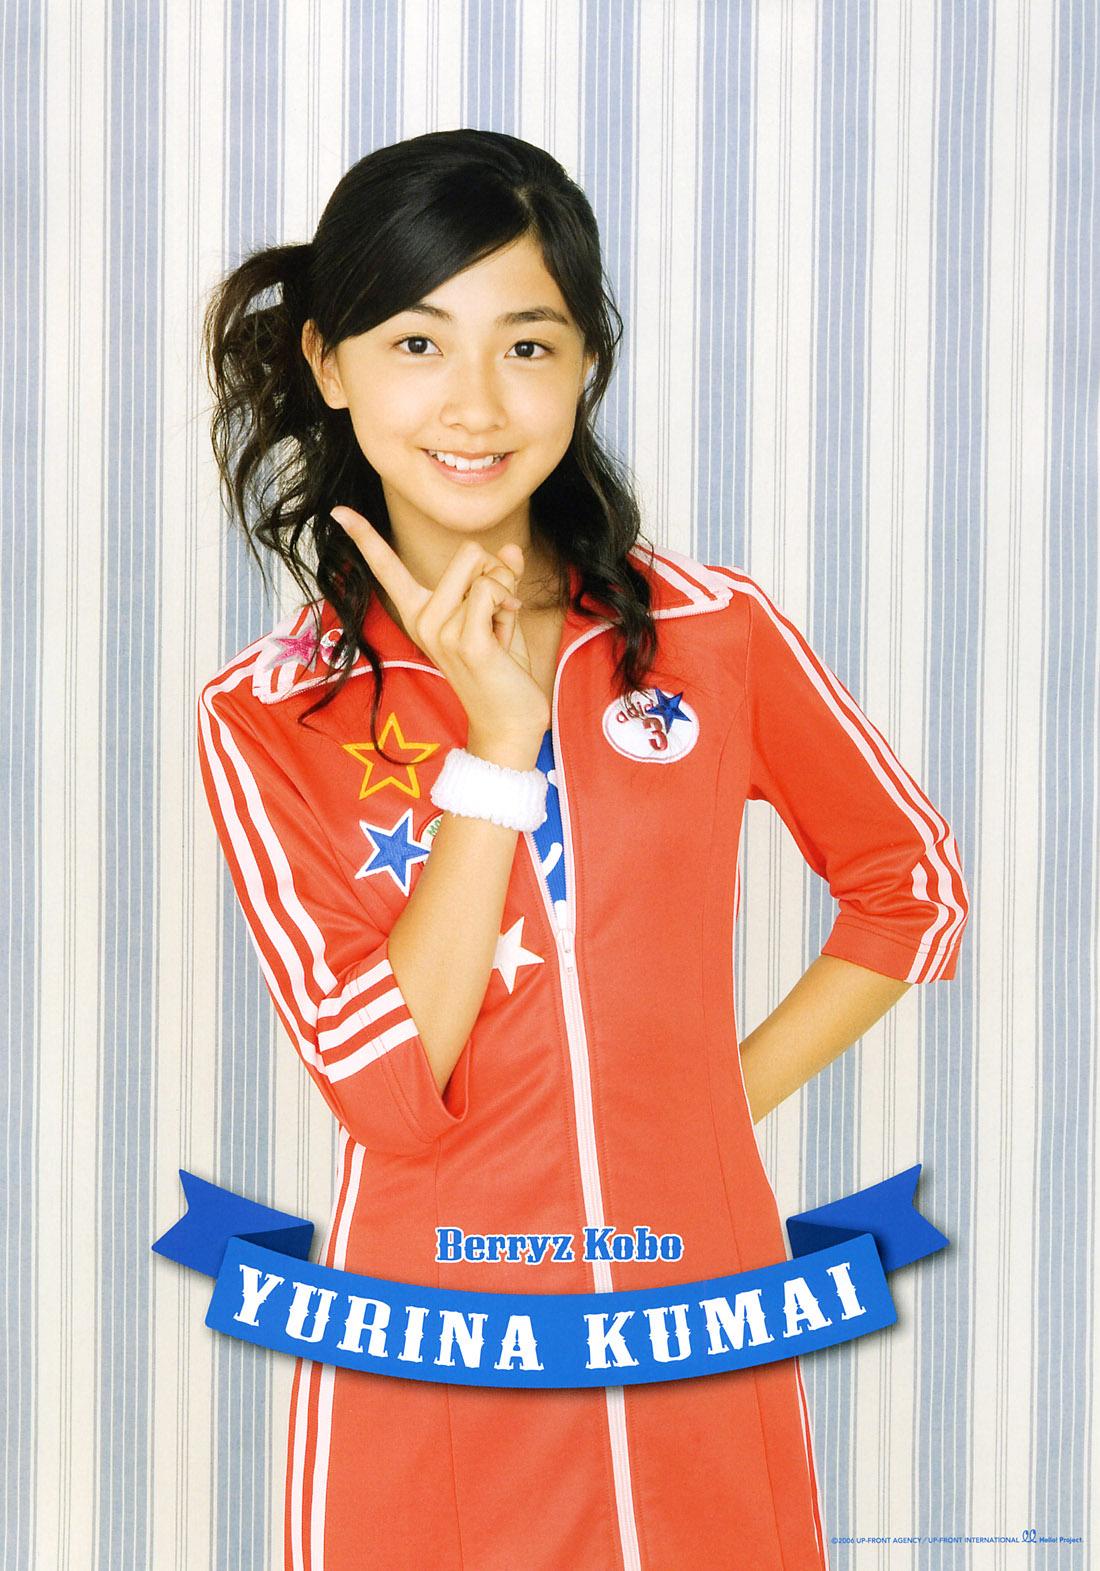 Yurina Kumai 2013